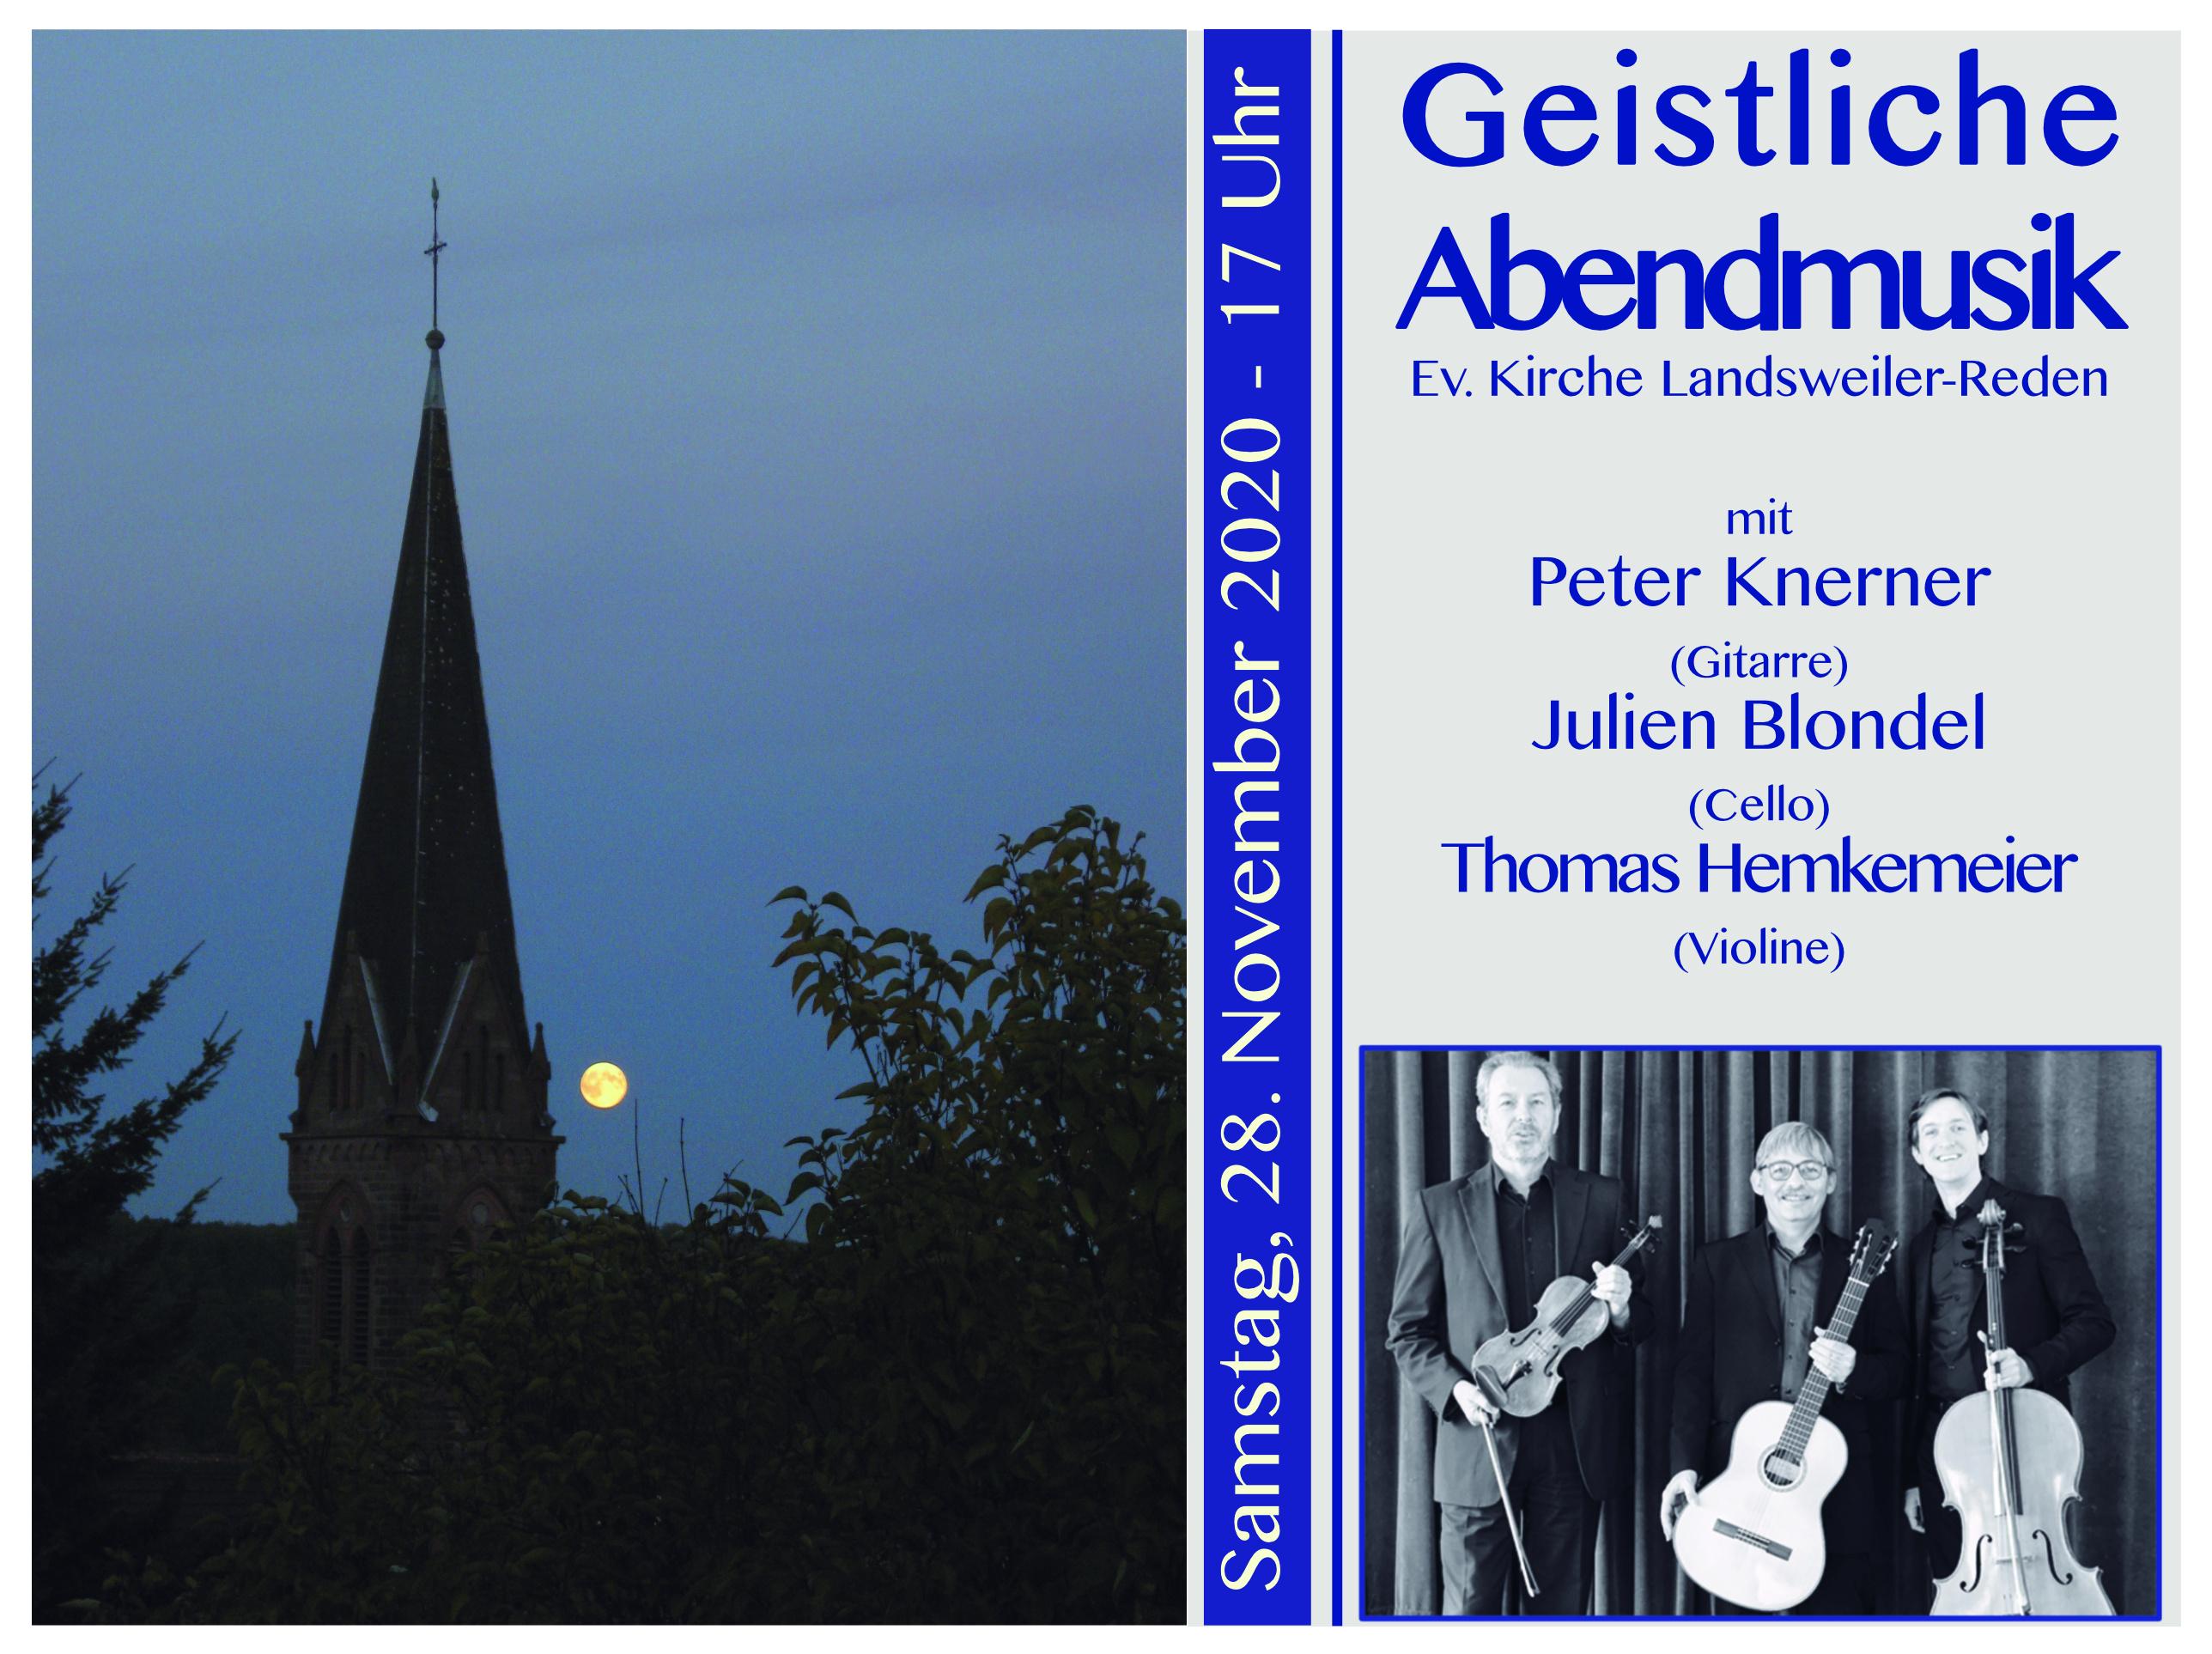 Einladung zur Geistlichen Abendmusik am 28.11.2020